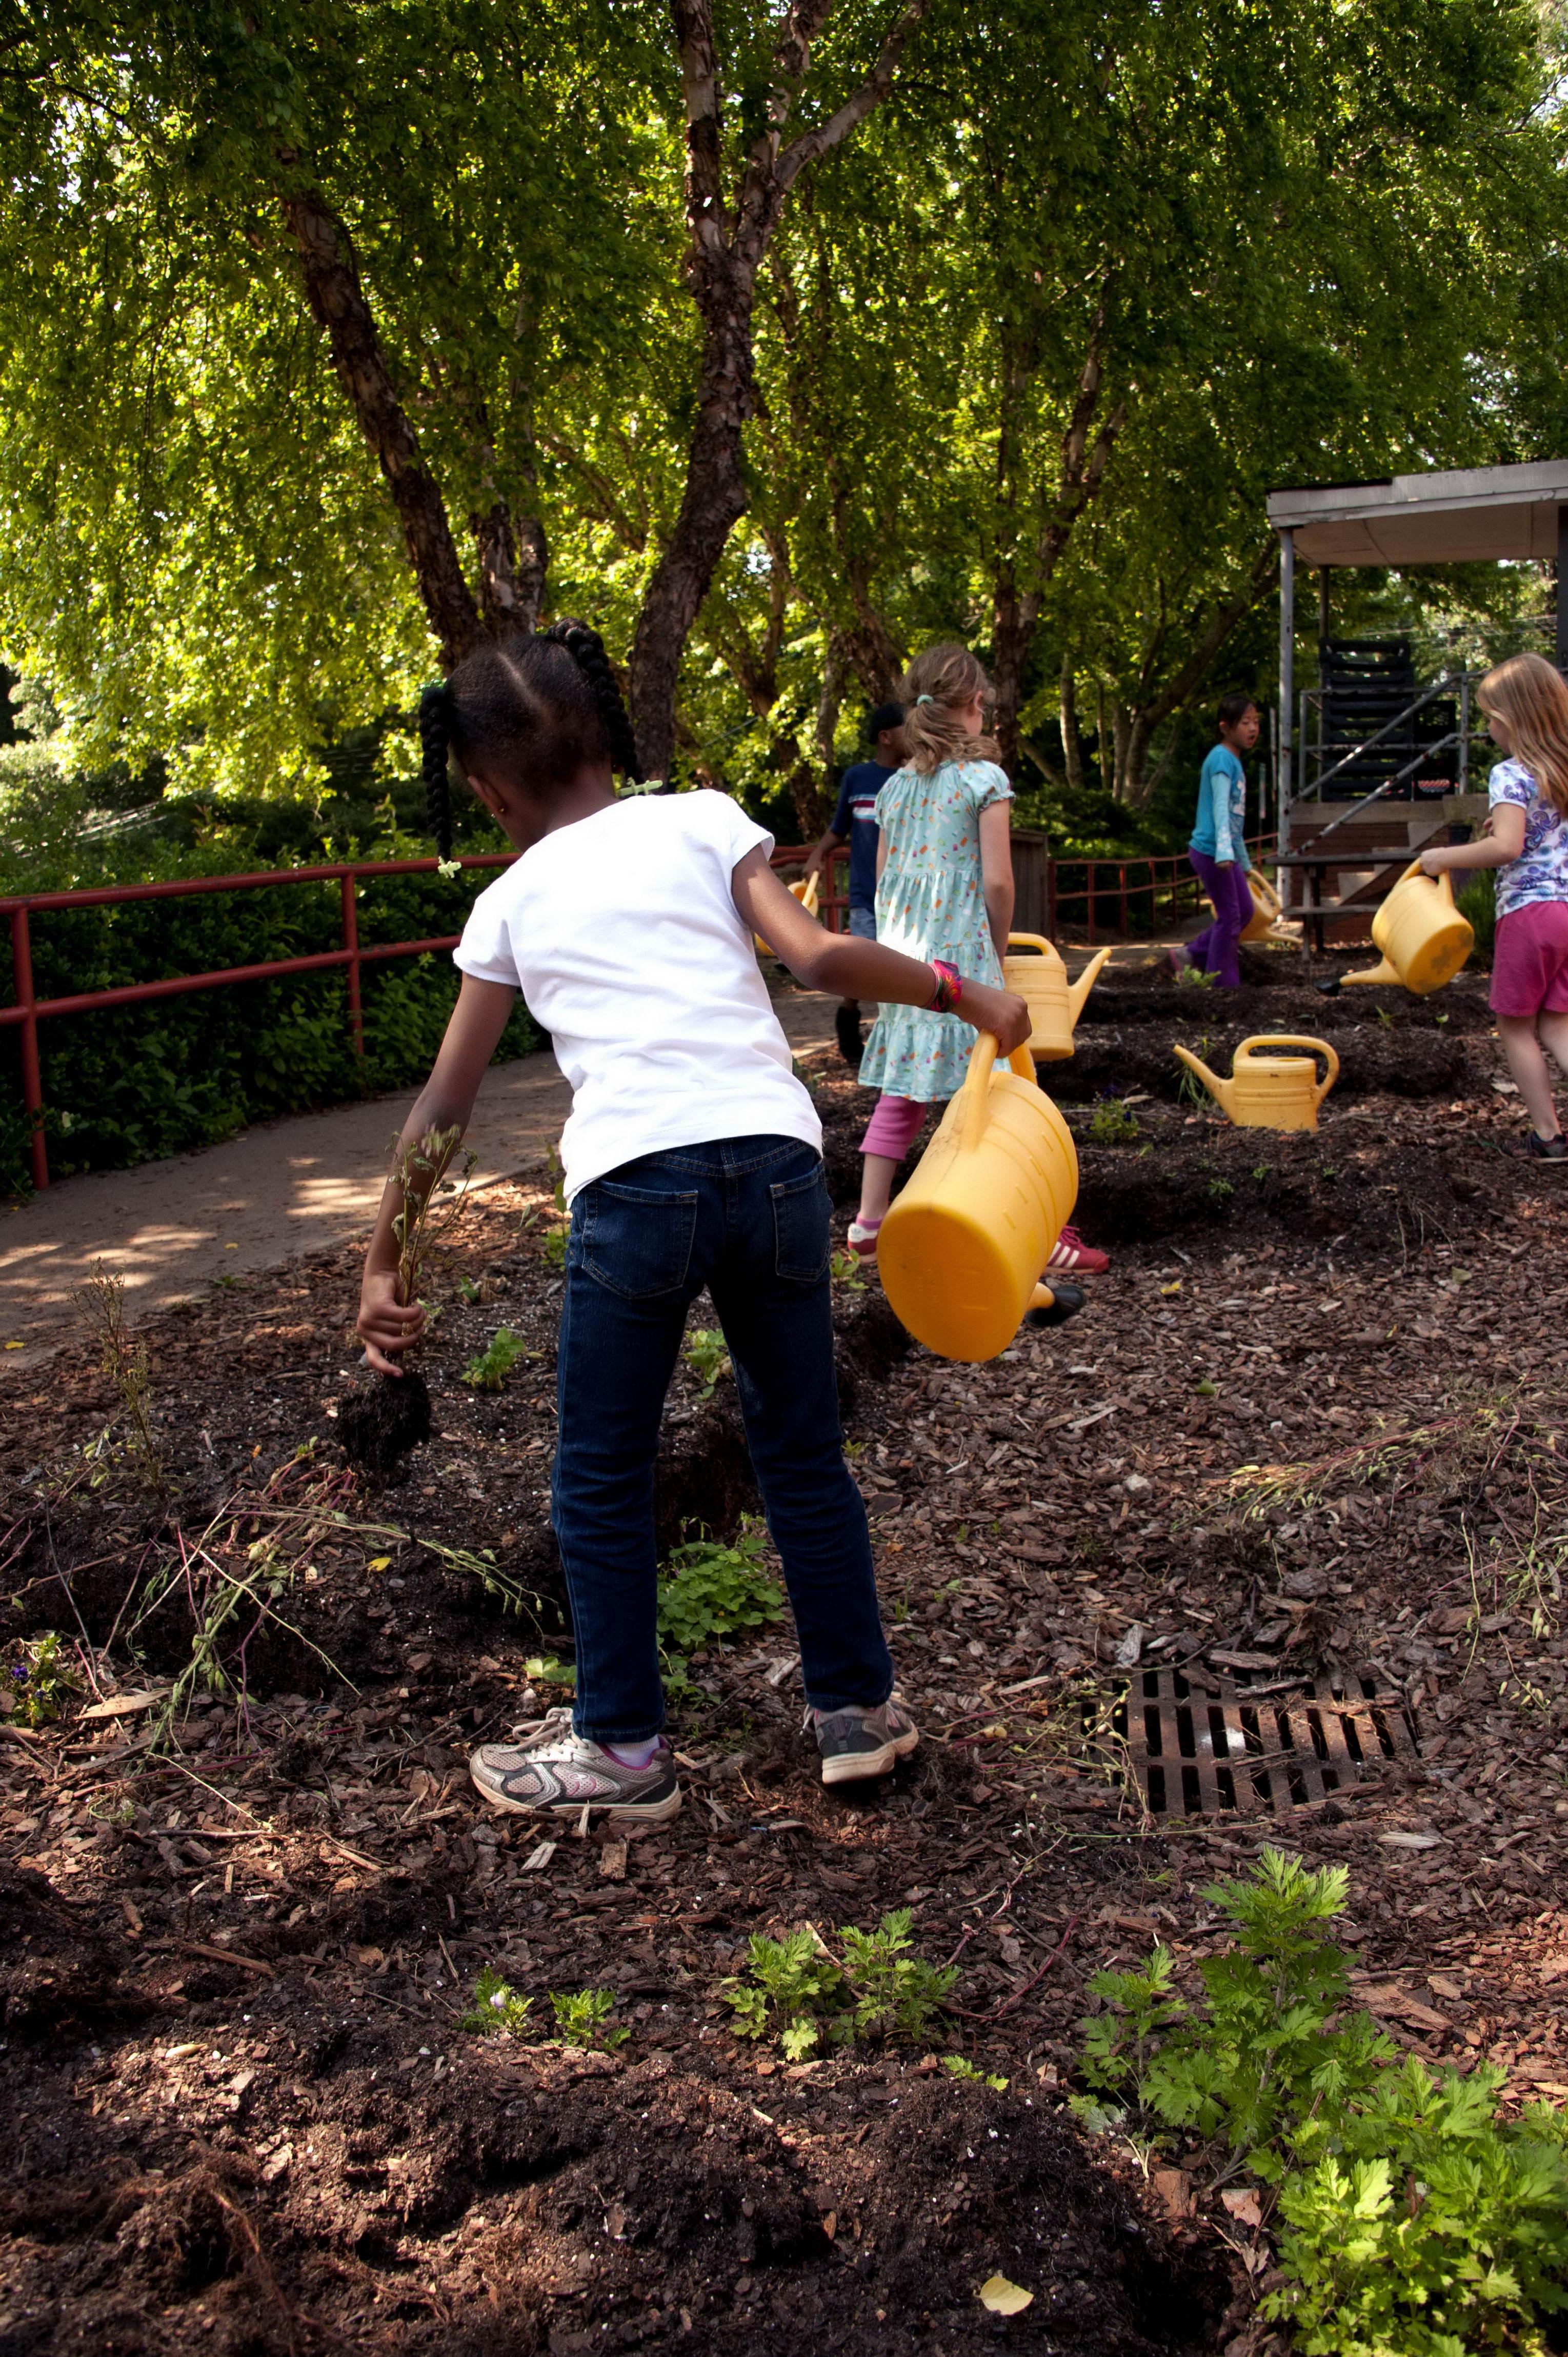 Jardin À L Américaine image libre: afro-américaine, fille, premier plan, les